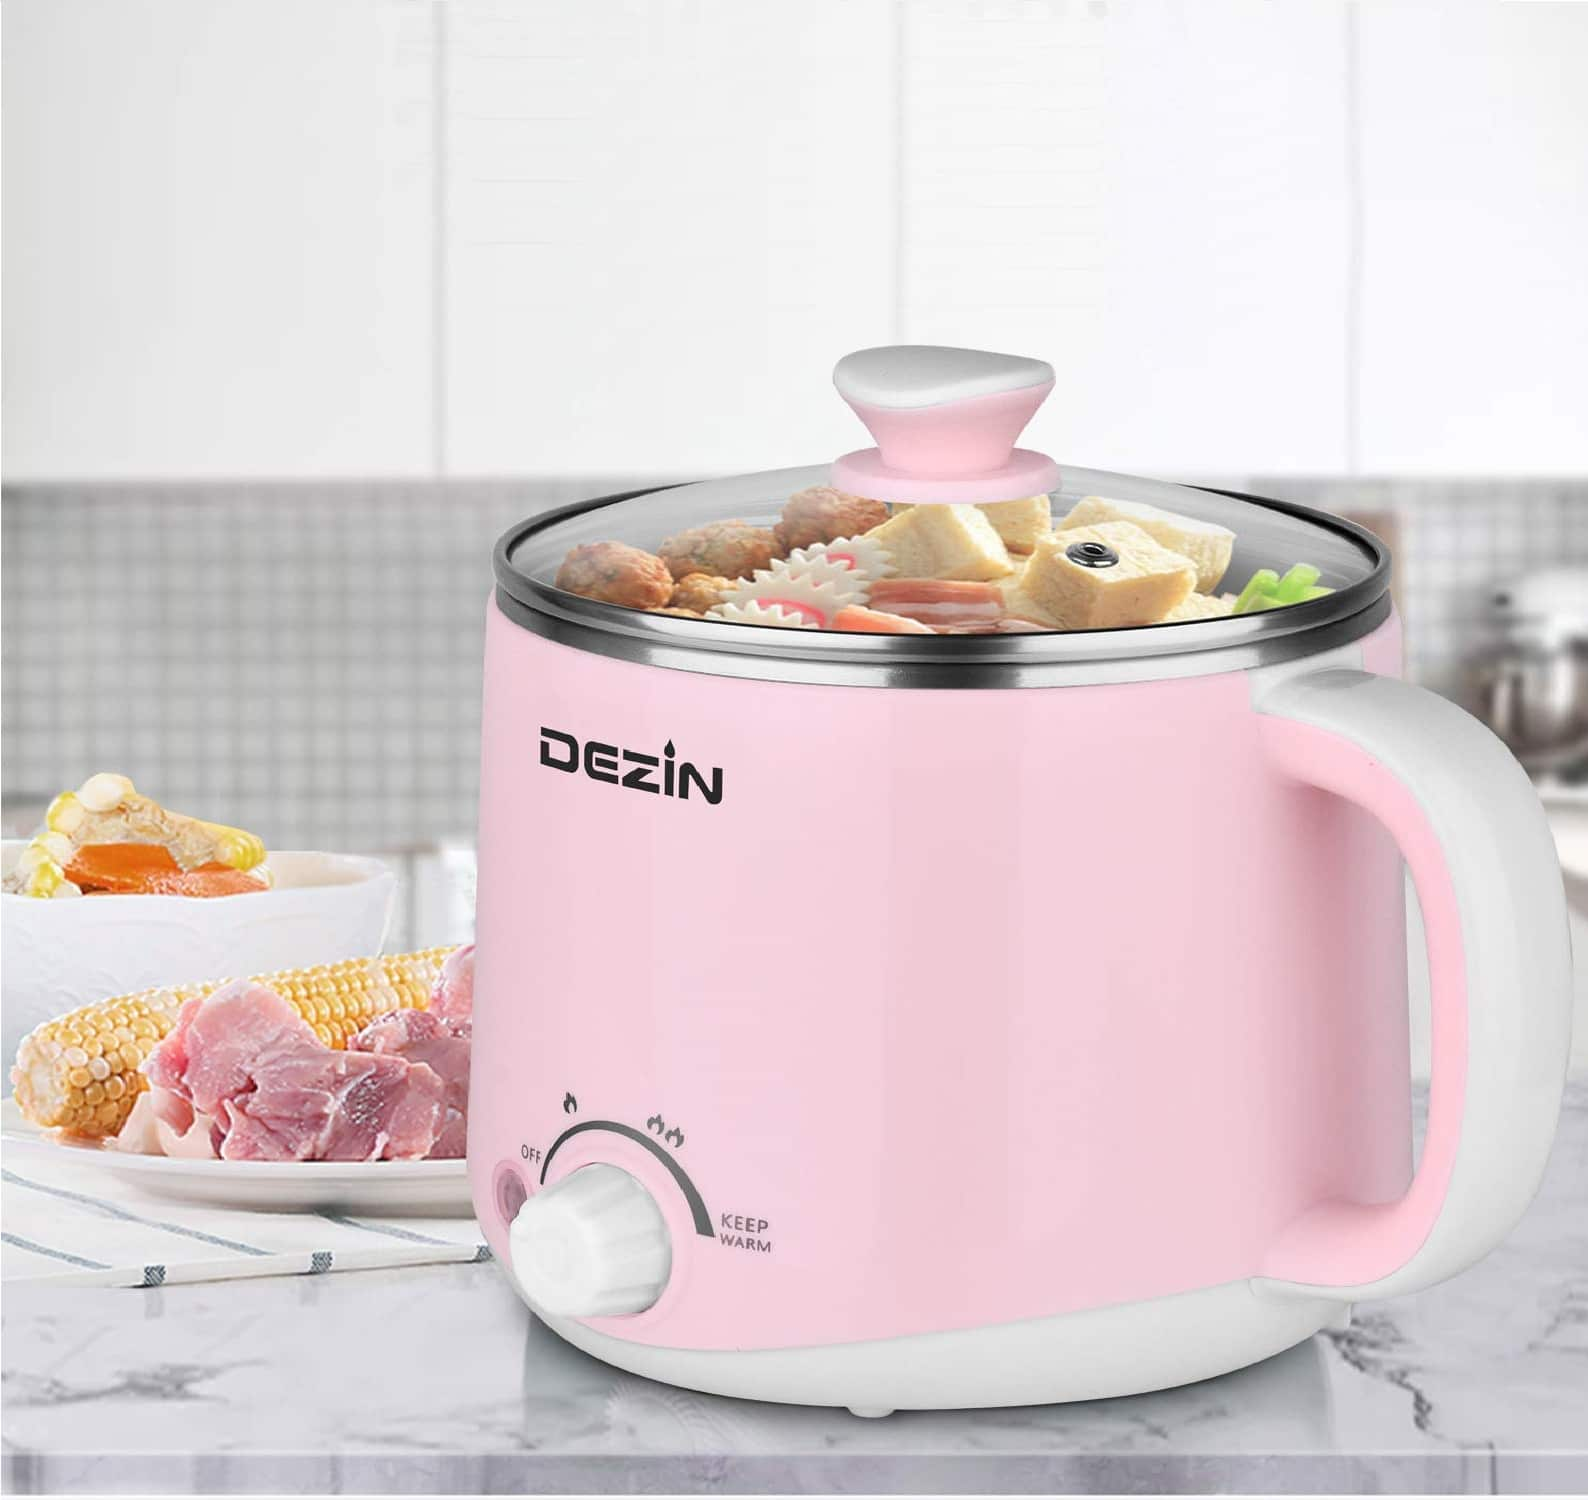 3.Dezin Electric Hot Pot, Rapid Noodles Cooker, Stainless Steel Mini Pot 1.6 Liter, Perfect for Ramen, Egg, Pasta, Dumpling, Soup